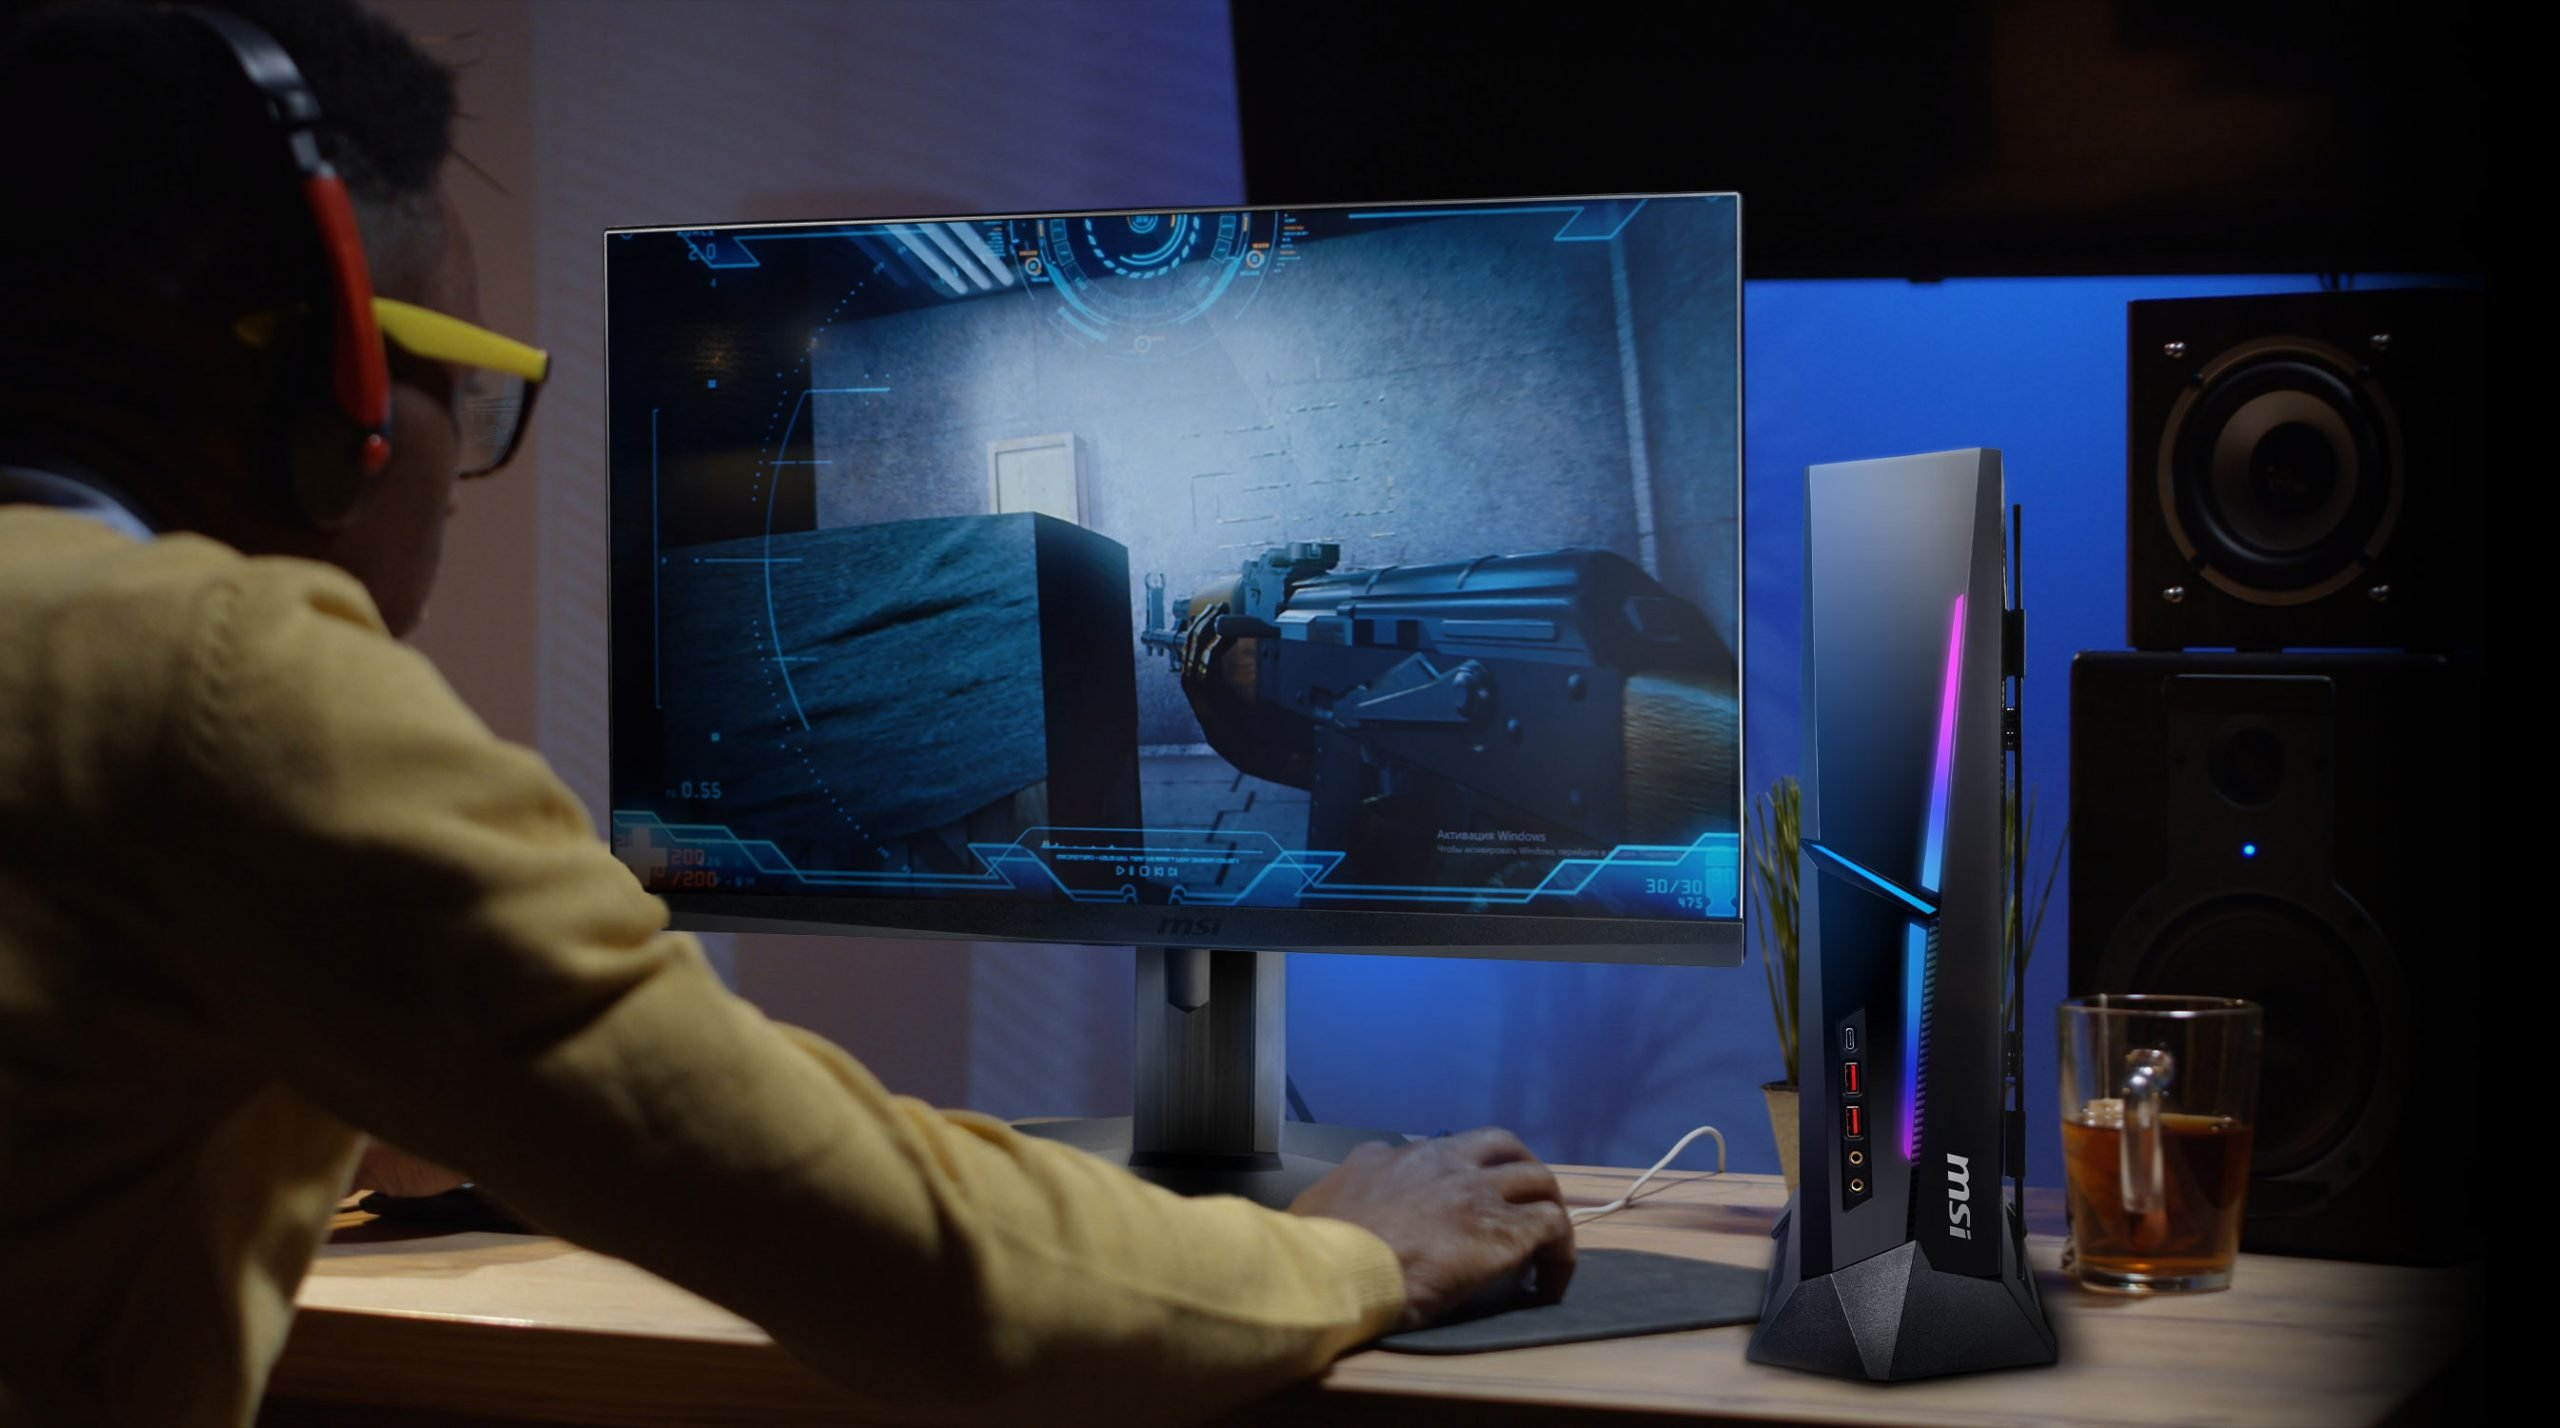 كمبيوتر MEG Trident X المكتبي